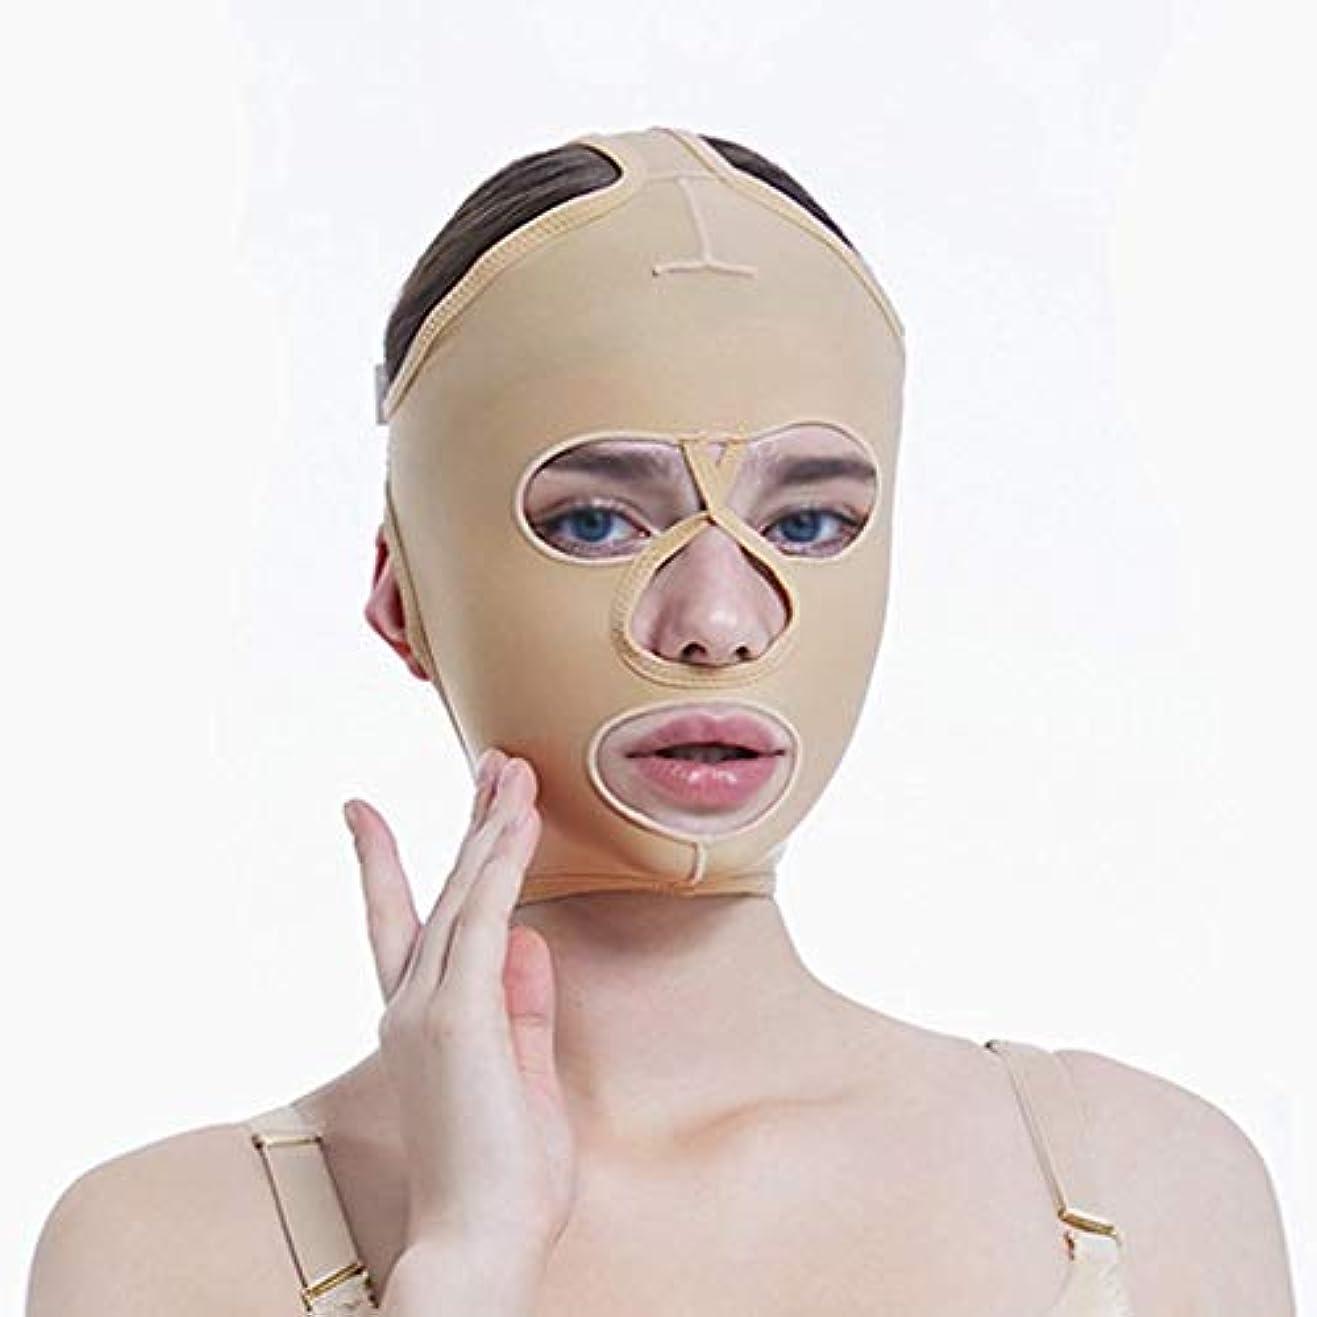 カカドゥ傑作海外チンリフティングベルト、超薄型ベルト、引き締めマスク、包帯吊り、フェイスリフティングマスク、超薄型ベルト、通気性(サイズ:L),XS